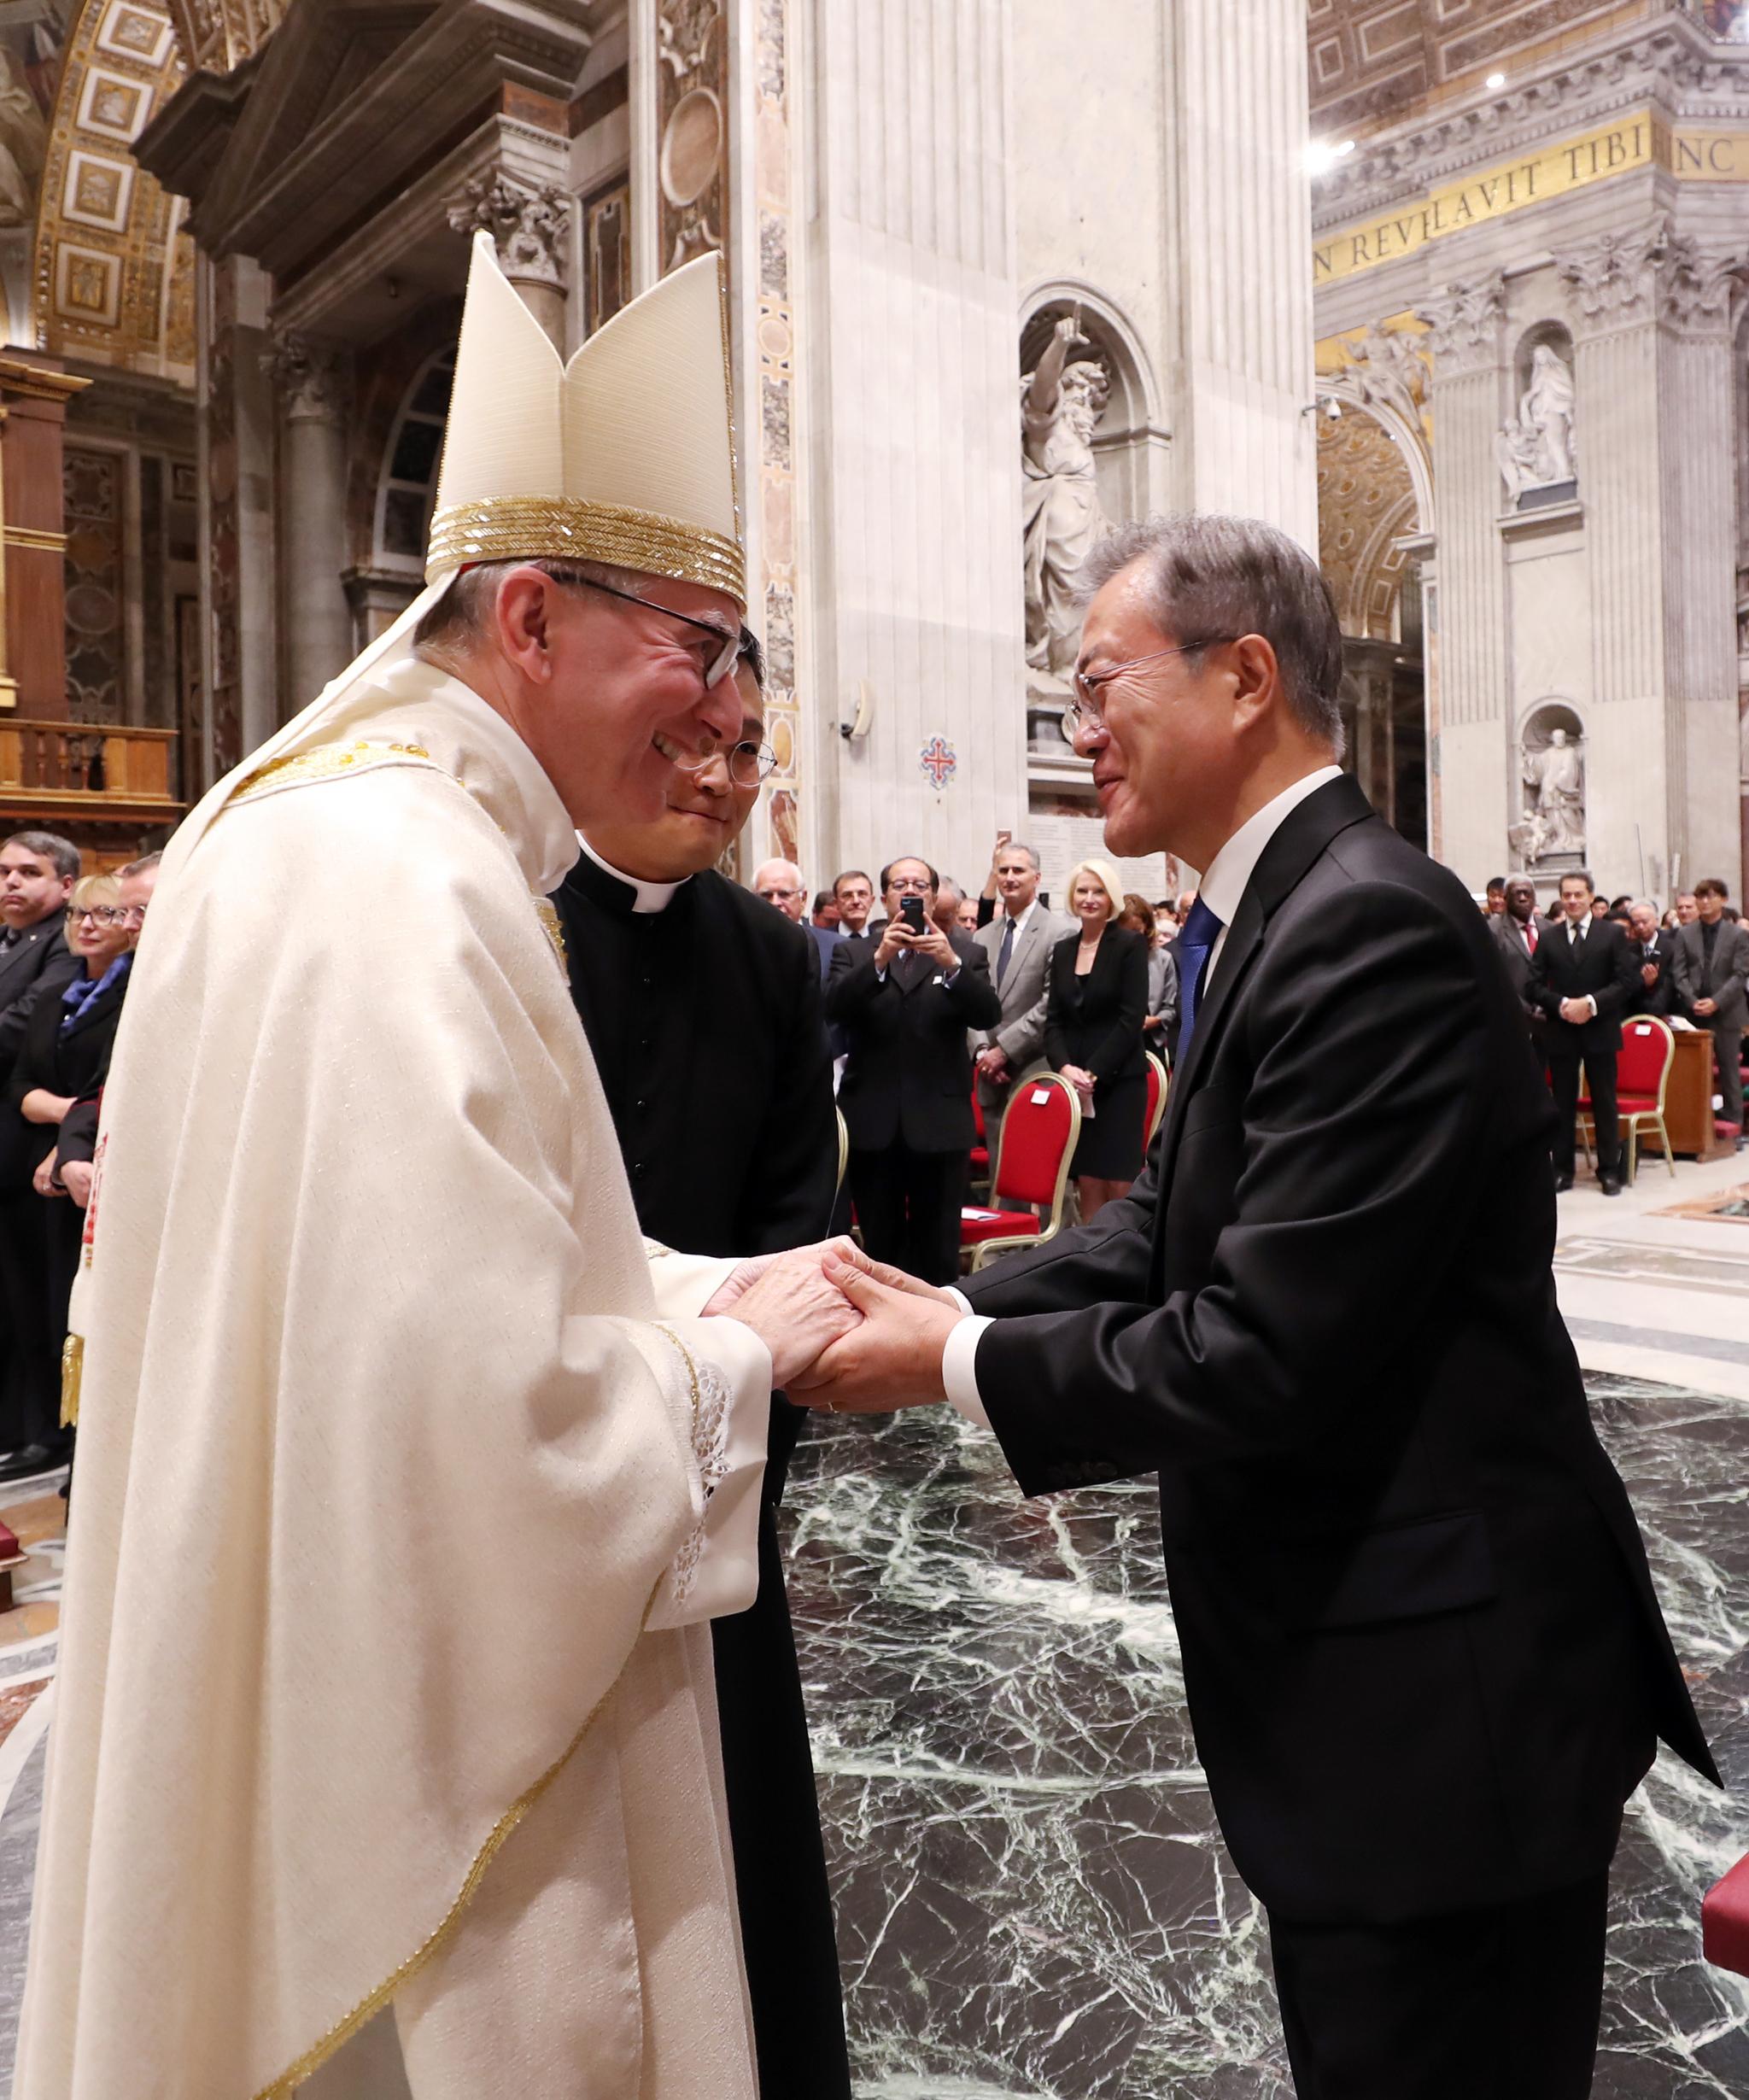 교황청을 공식 방문 중인 문재인 대통령이 17일 오후 (현지시간) 로마 성 베드로 대성당에서 피에트로 파롤린 국무원장(왼쪽)이 집전한 '한반도 평화를 위한 특별미사'에 참석해 인사를 나누고 있다. [연합뉴스]